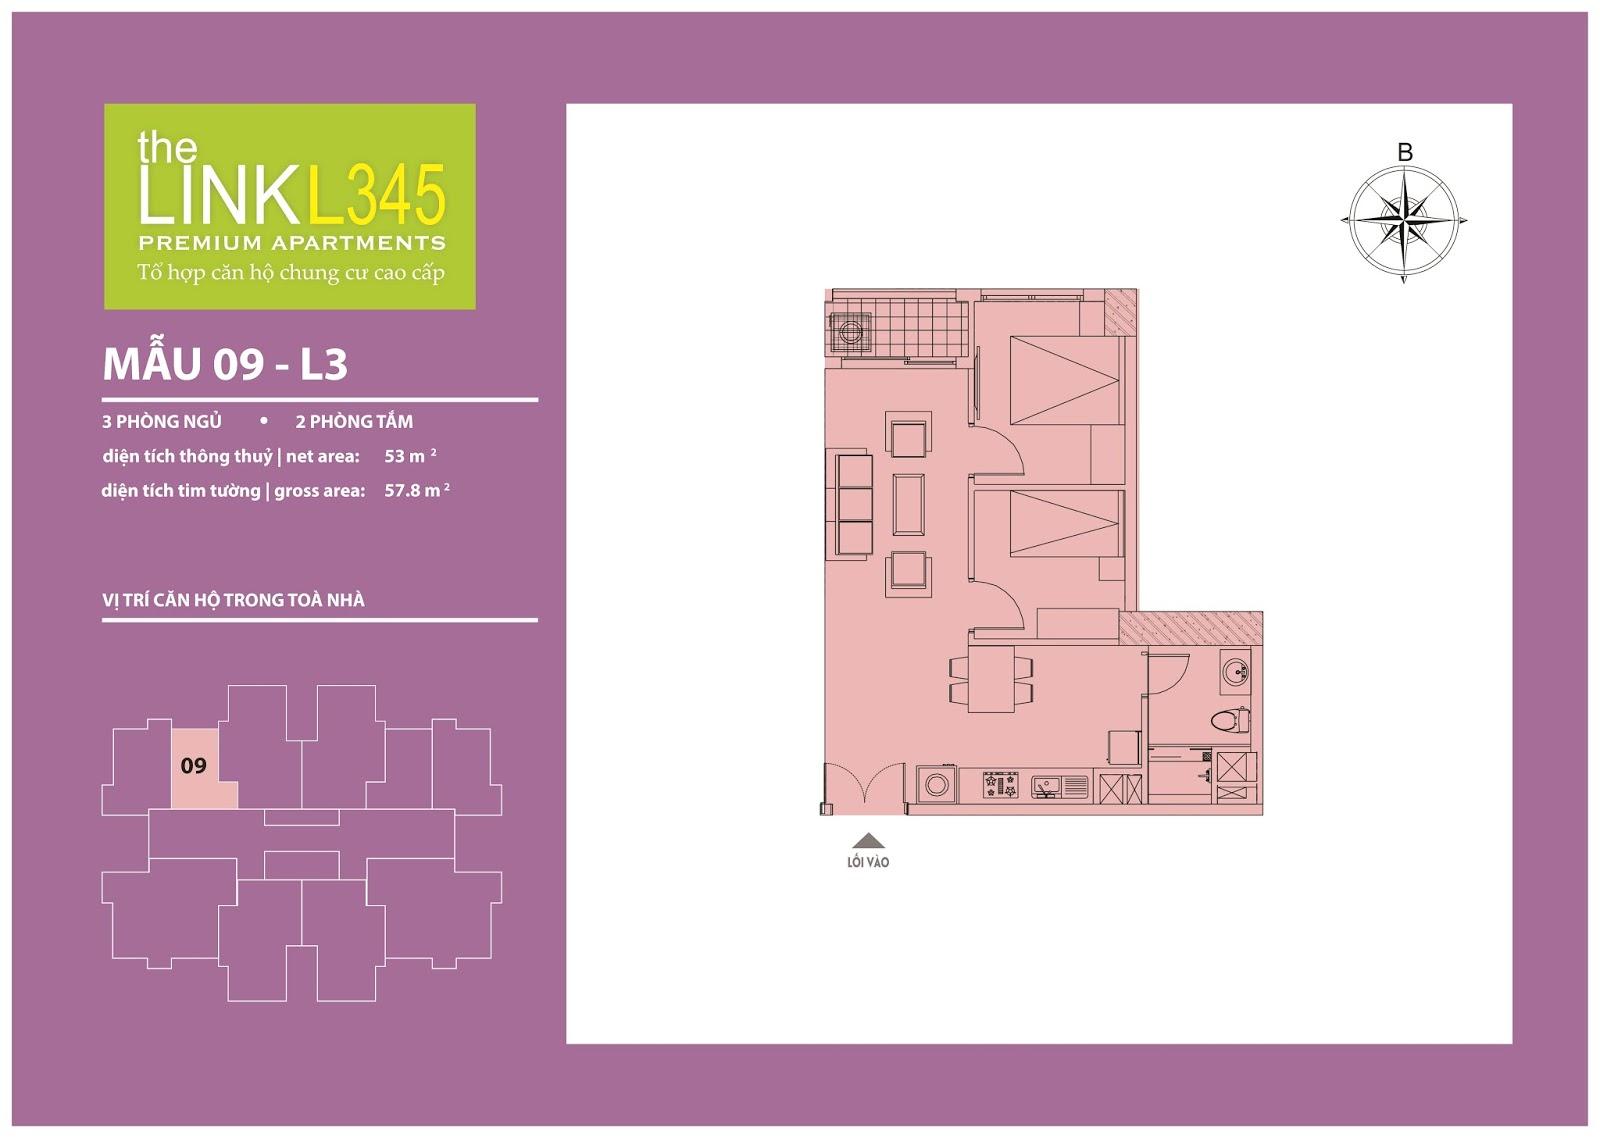 Mặt bằng chi tiết căn hộ 09 - L3 The Link